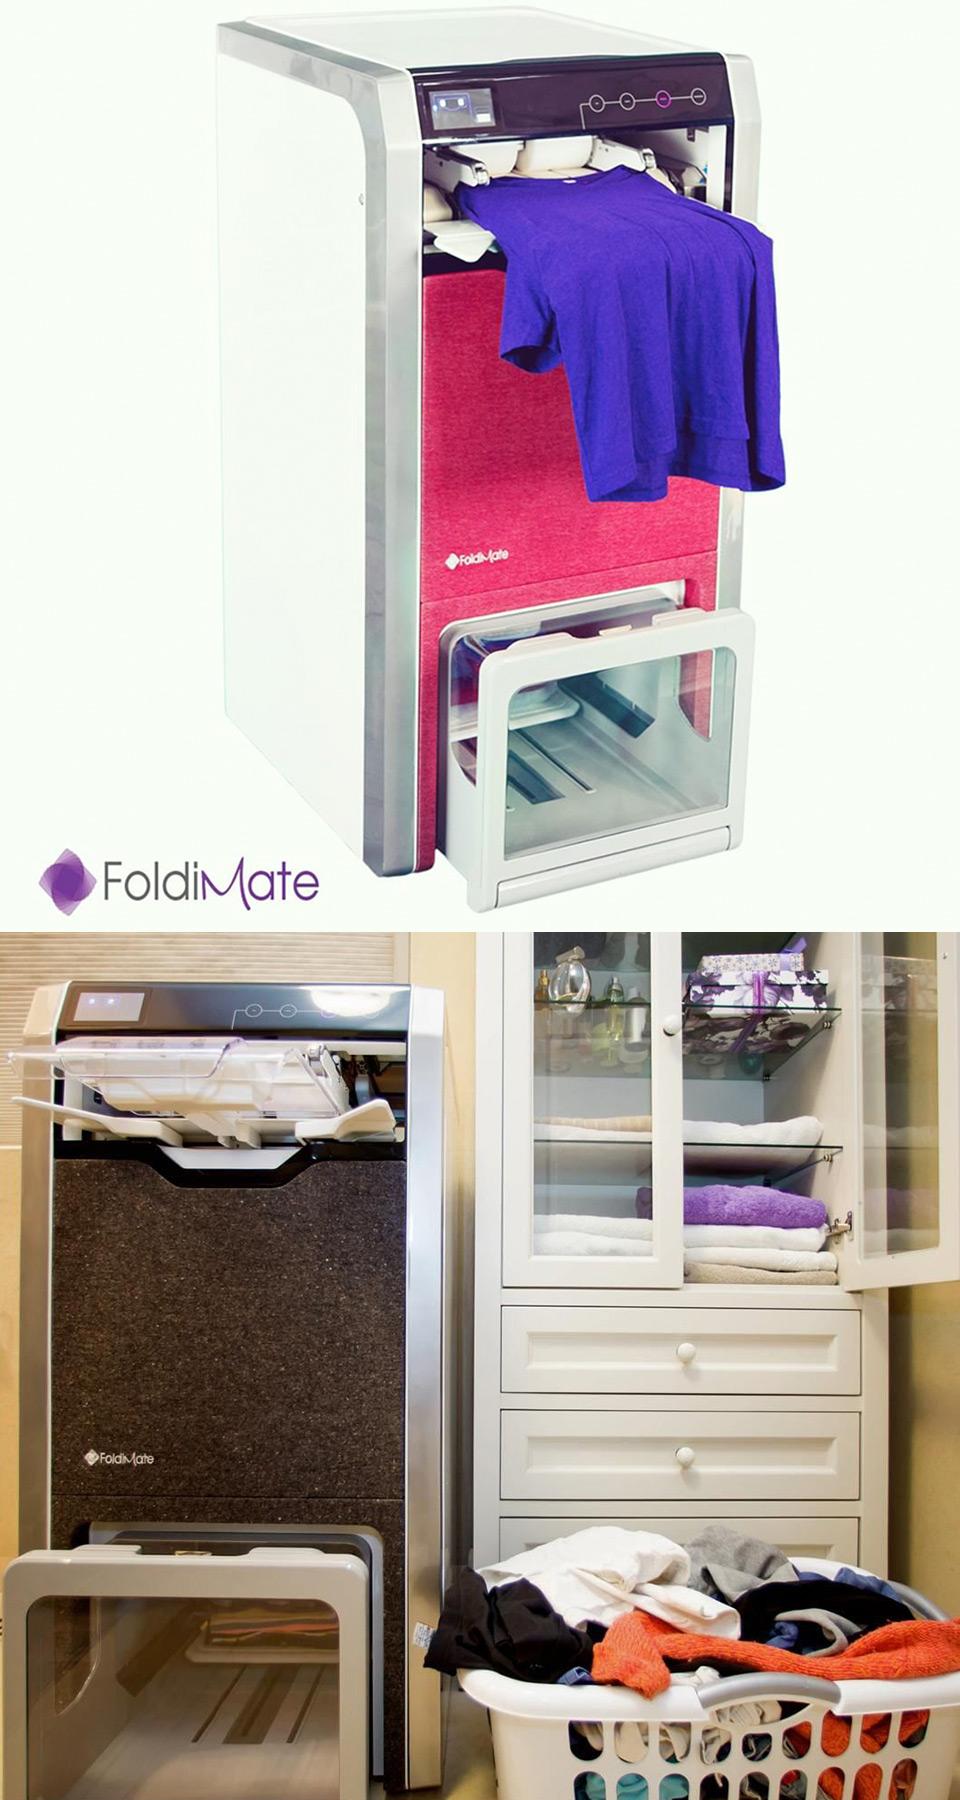 FoldiMate Laundry Folder